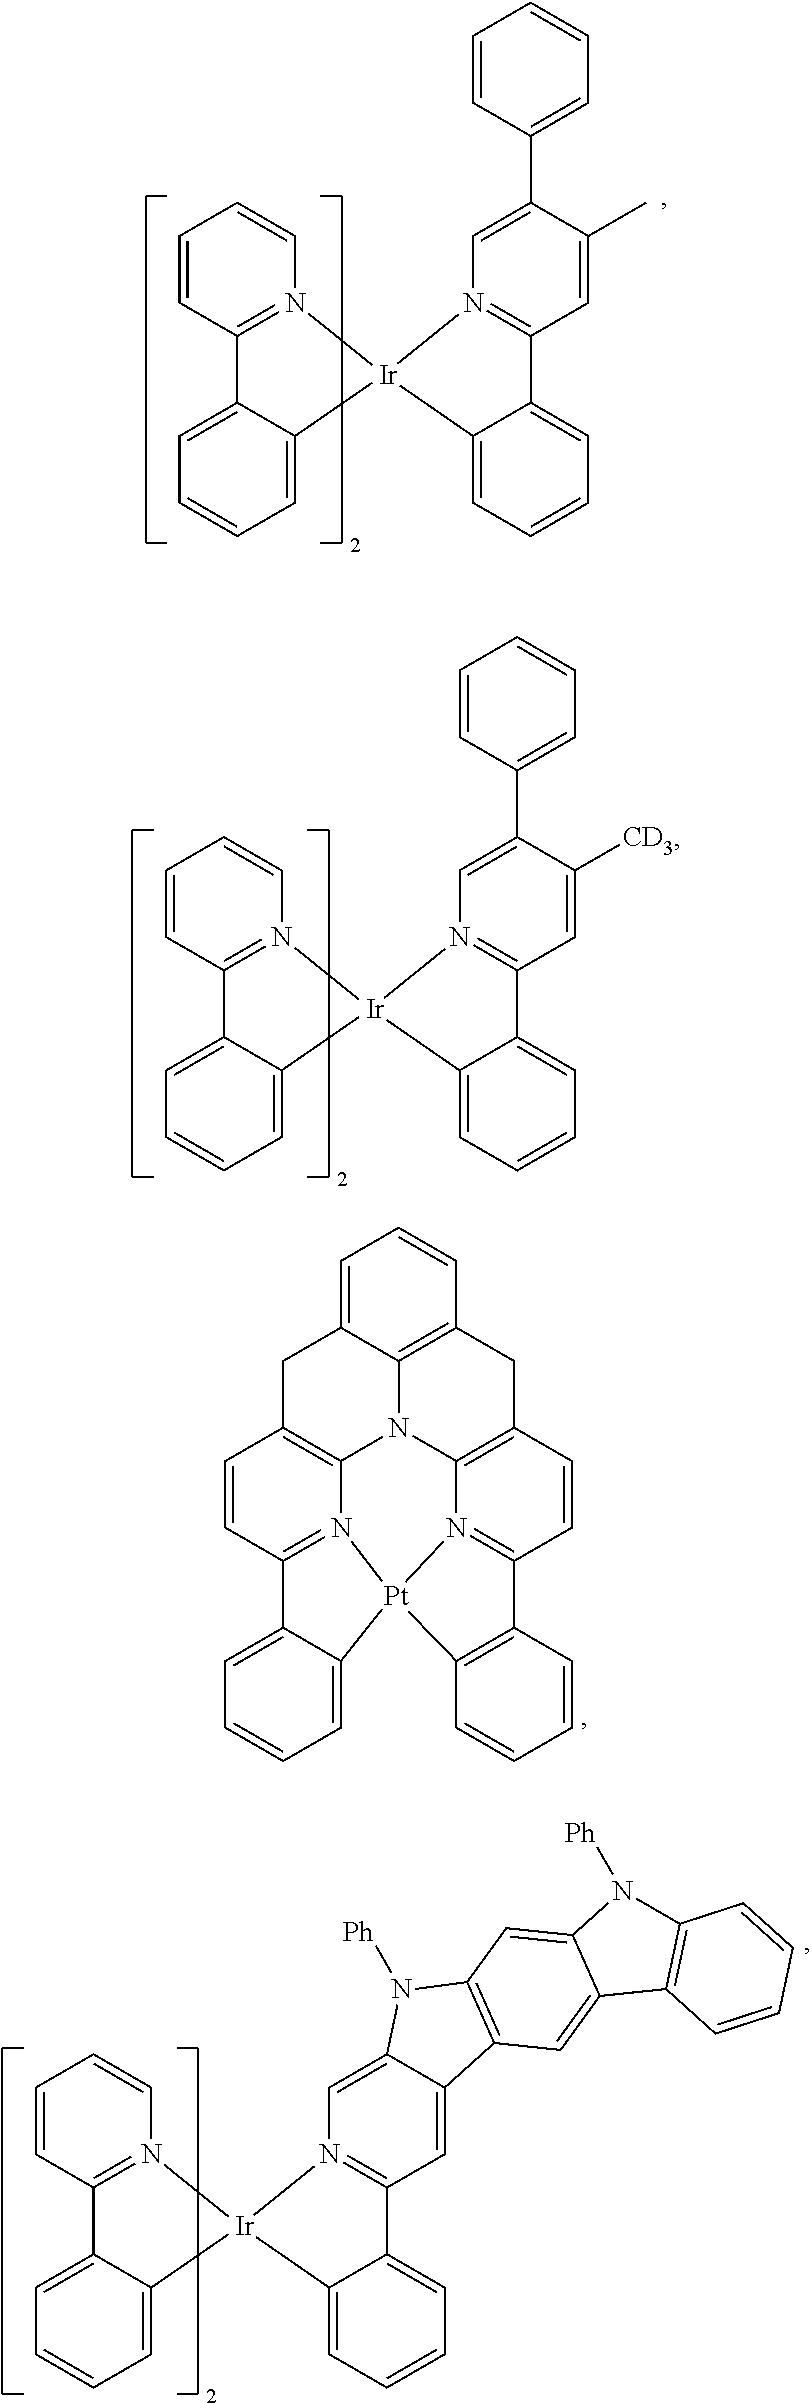 Figure US10144867-20181204-C00100